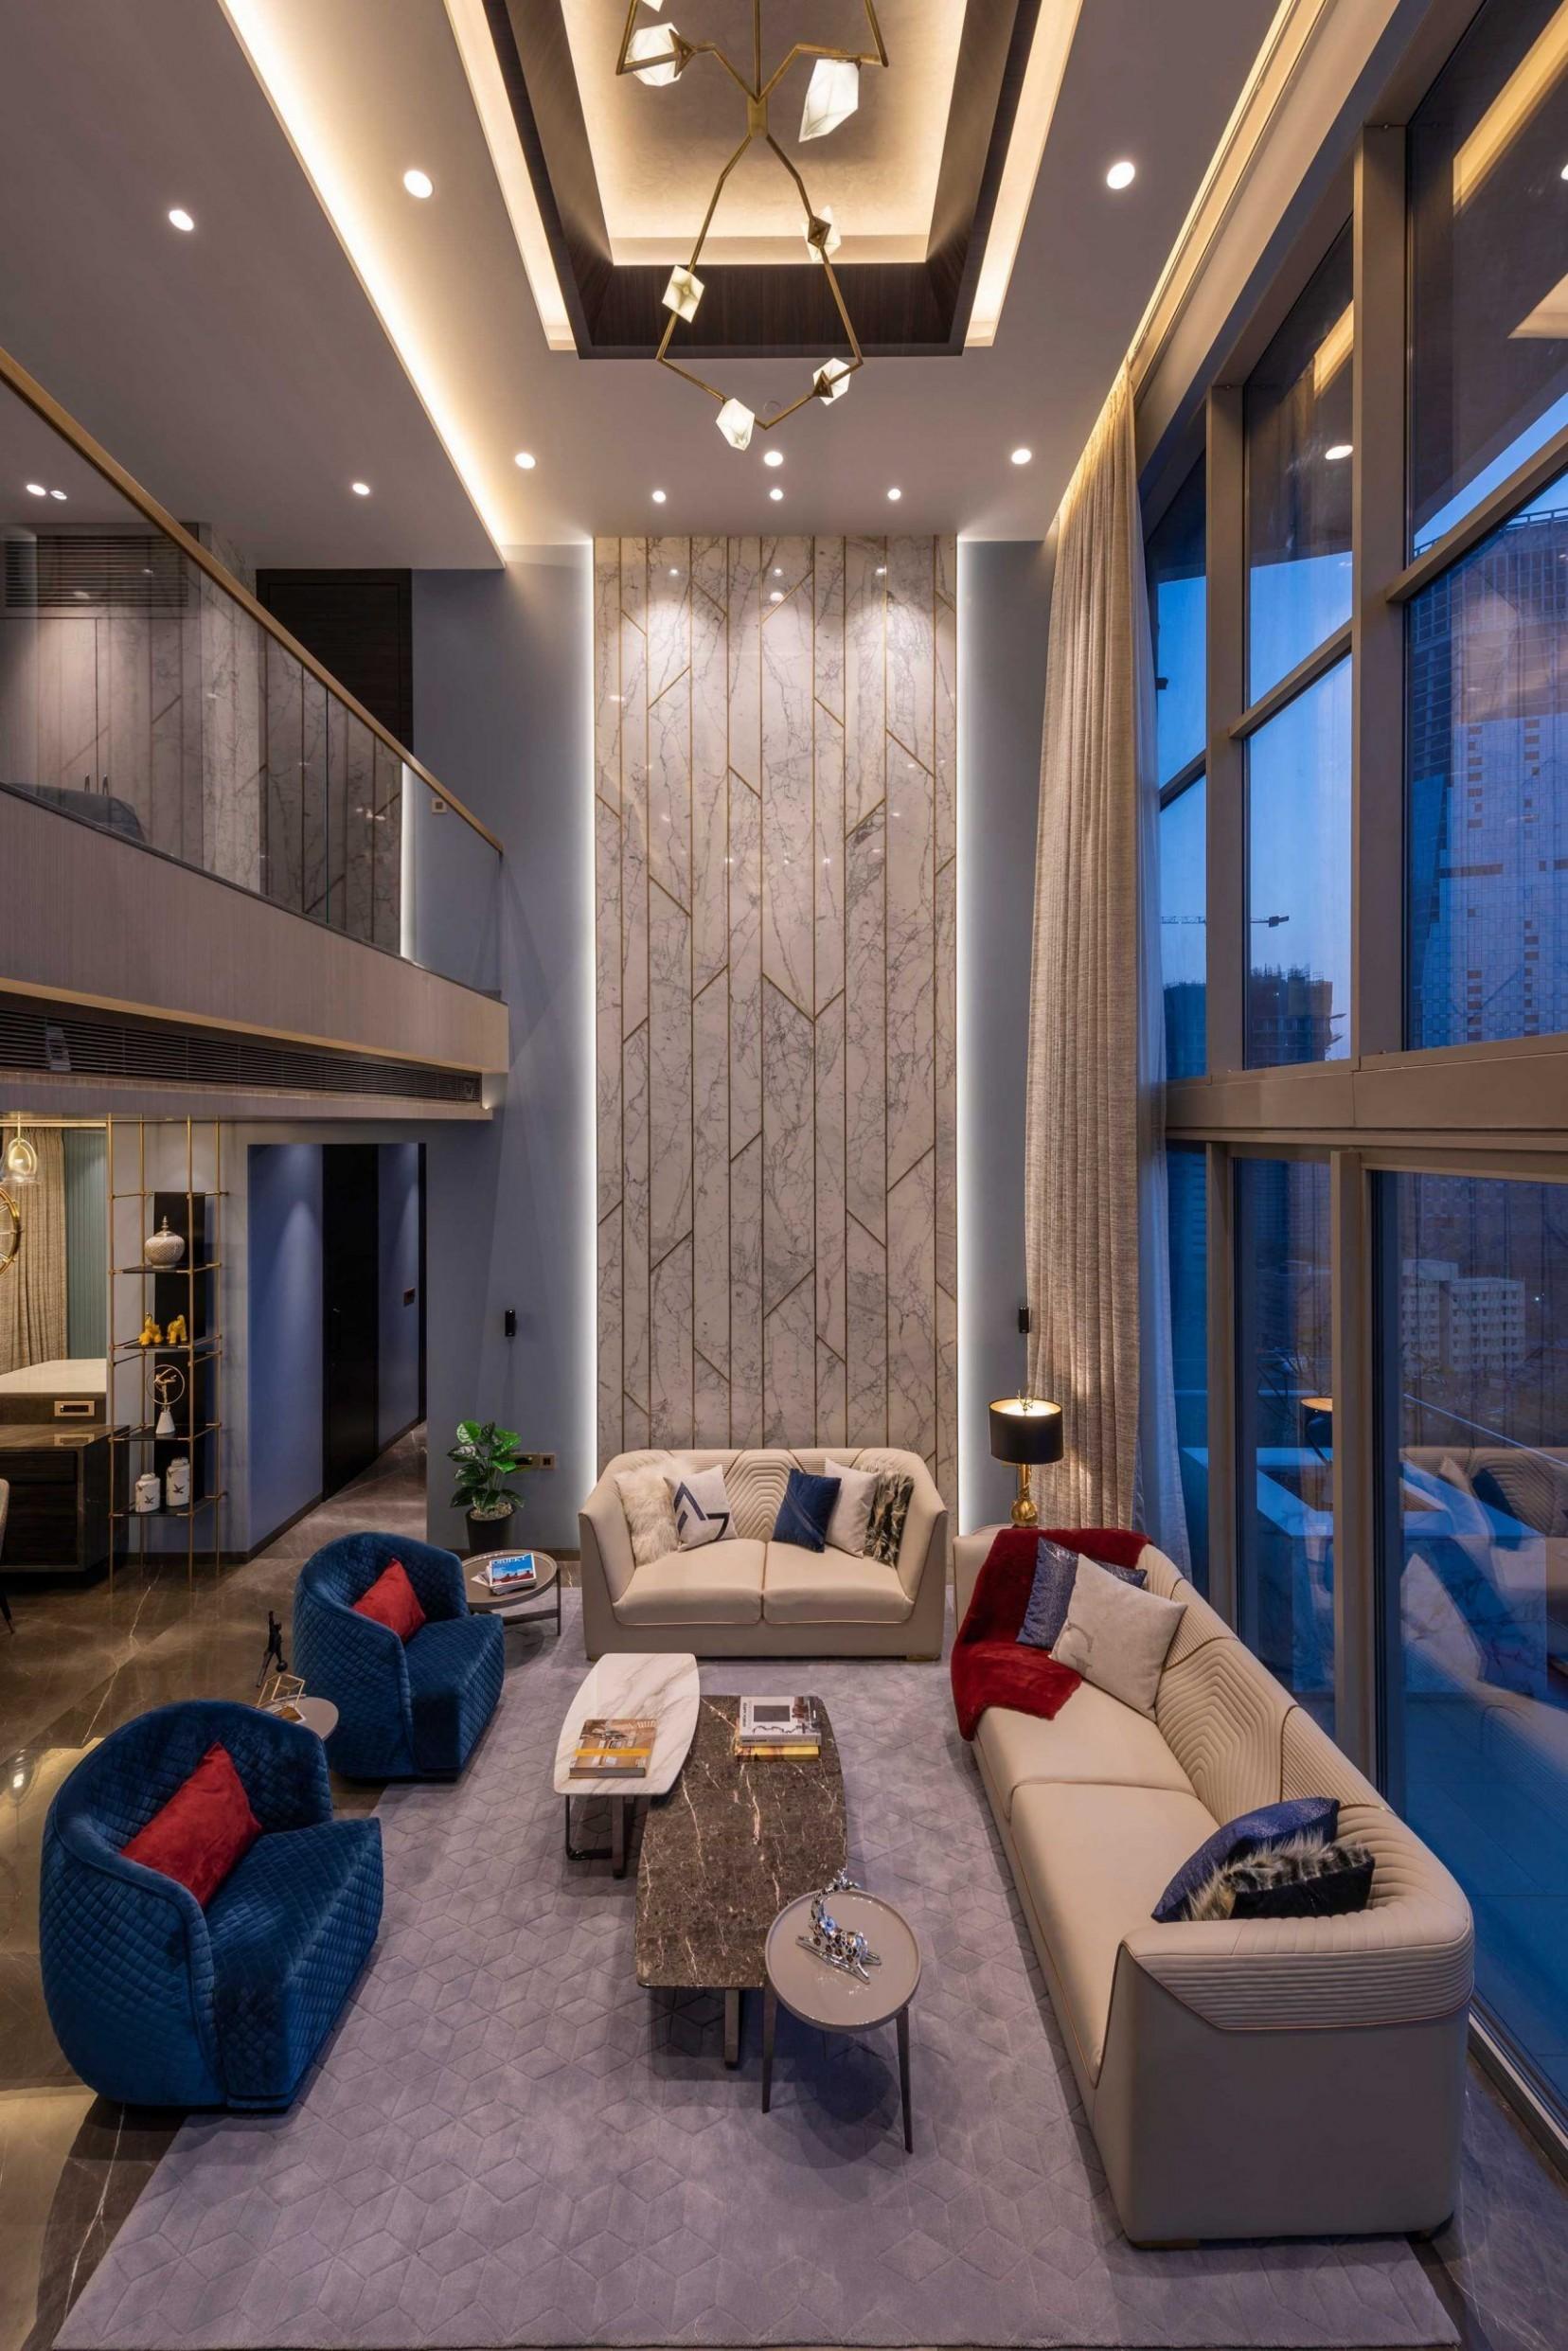 Web design #duplex #apartment #design duplex apartment design  - Apartment Duplex Design